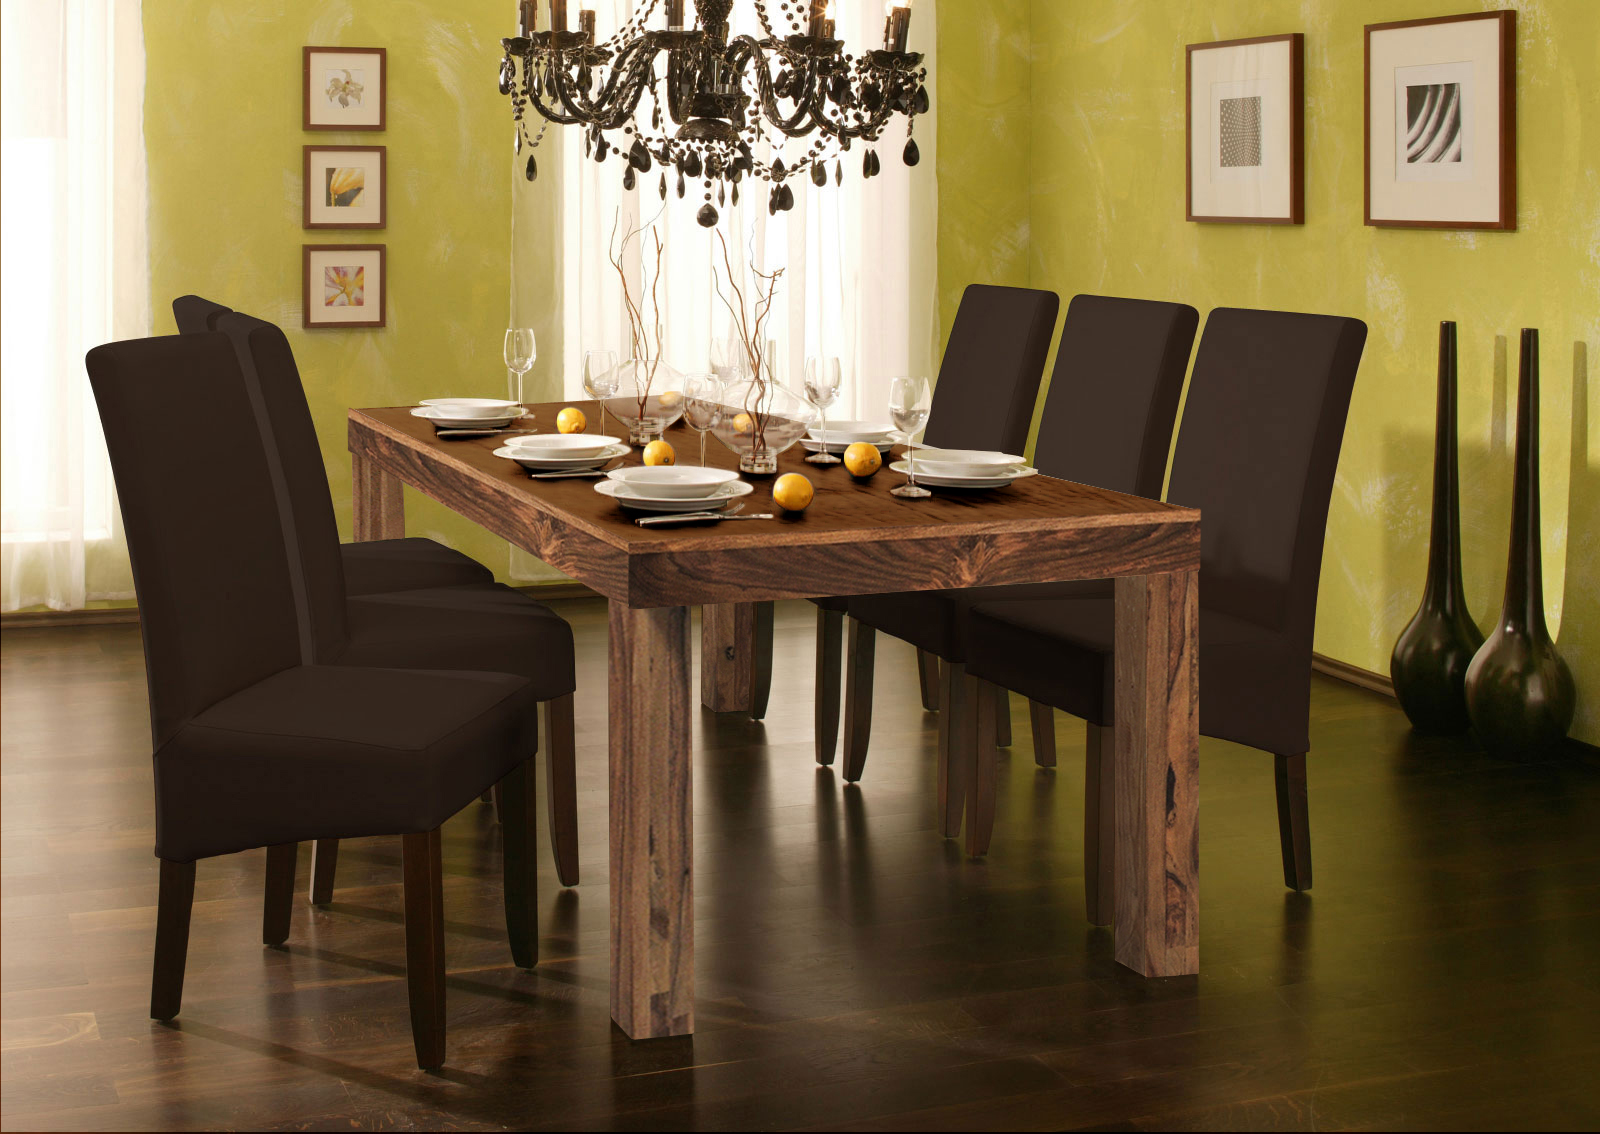 sam sheesham esszimmer tischgruppe 7tlg braun natur cubus 7029 auf lager clever und g nstig ab. Black Bedroom Furniture Sets. Home Design Ideas